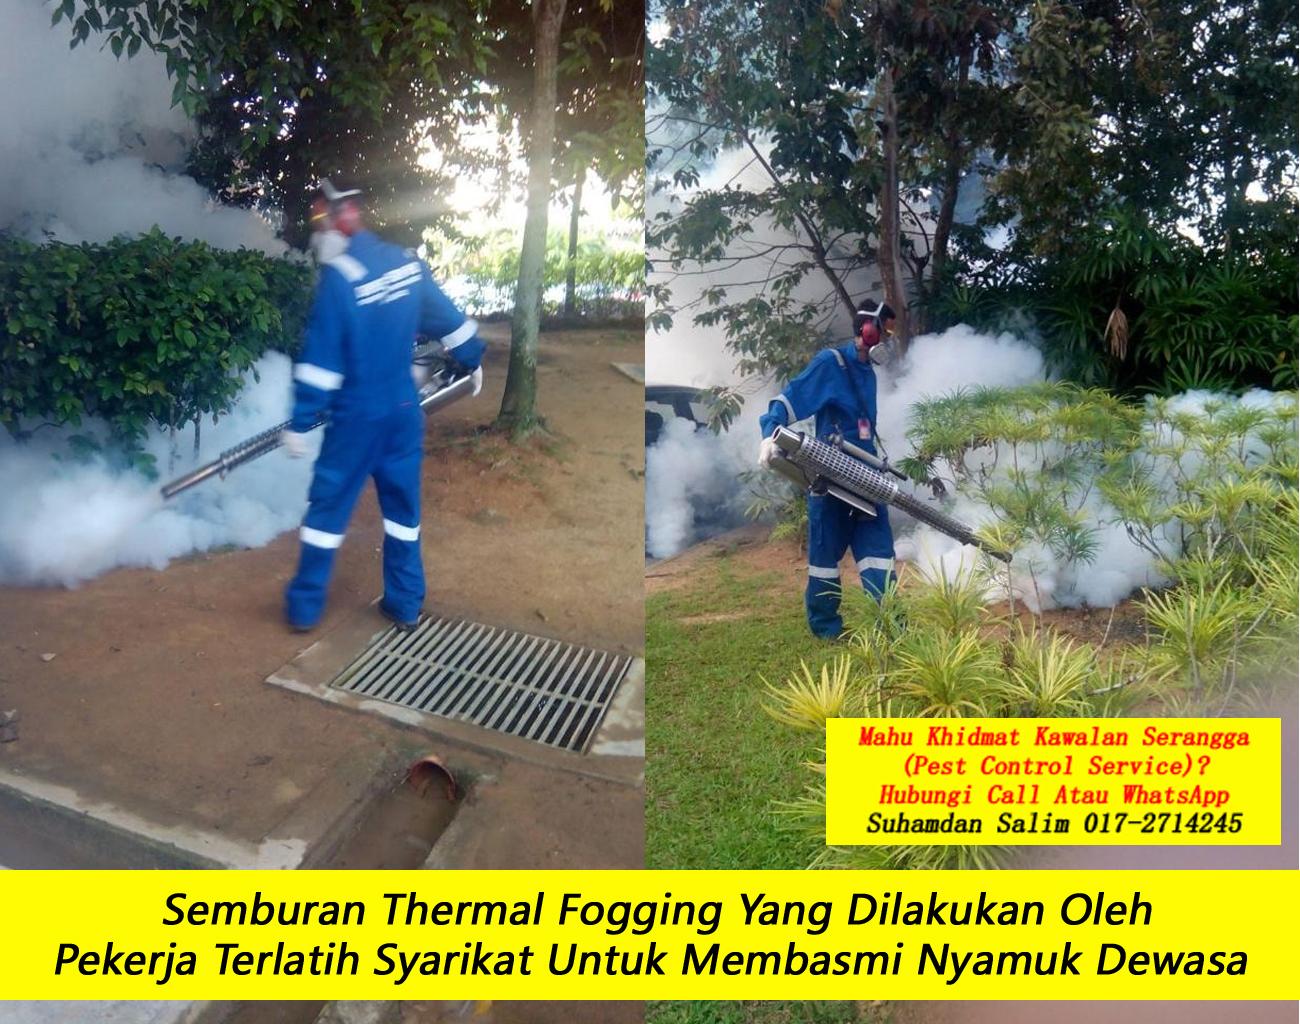 khidmat kawalan semburan nyamuk fogging larvaciding oleh syarikat kawalan serangga company pest control taman desa kl felda Bukit Nanas perumahan kawasan perindustrian near me